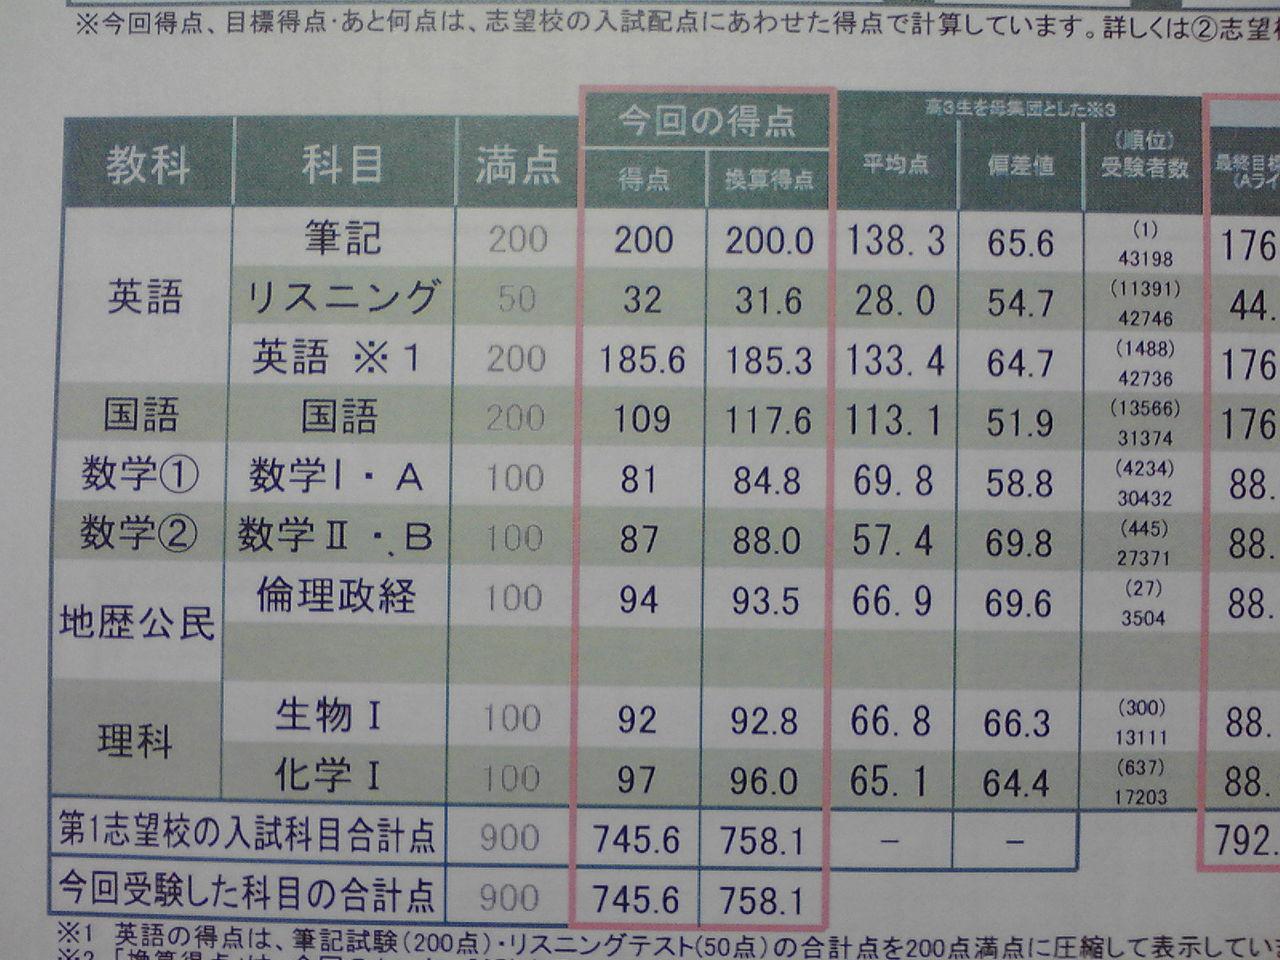 ガチンコ!!医学部再受験 ... : 国語の問題 : 国語